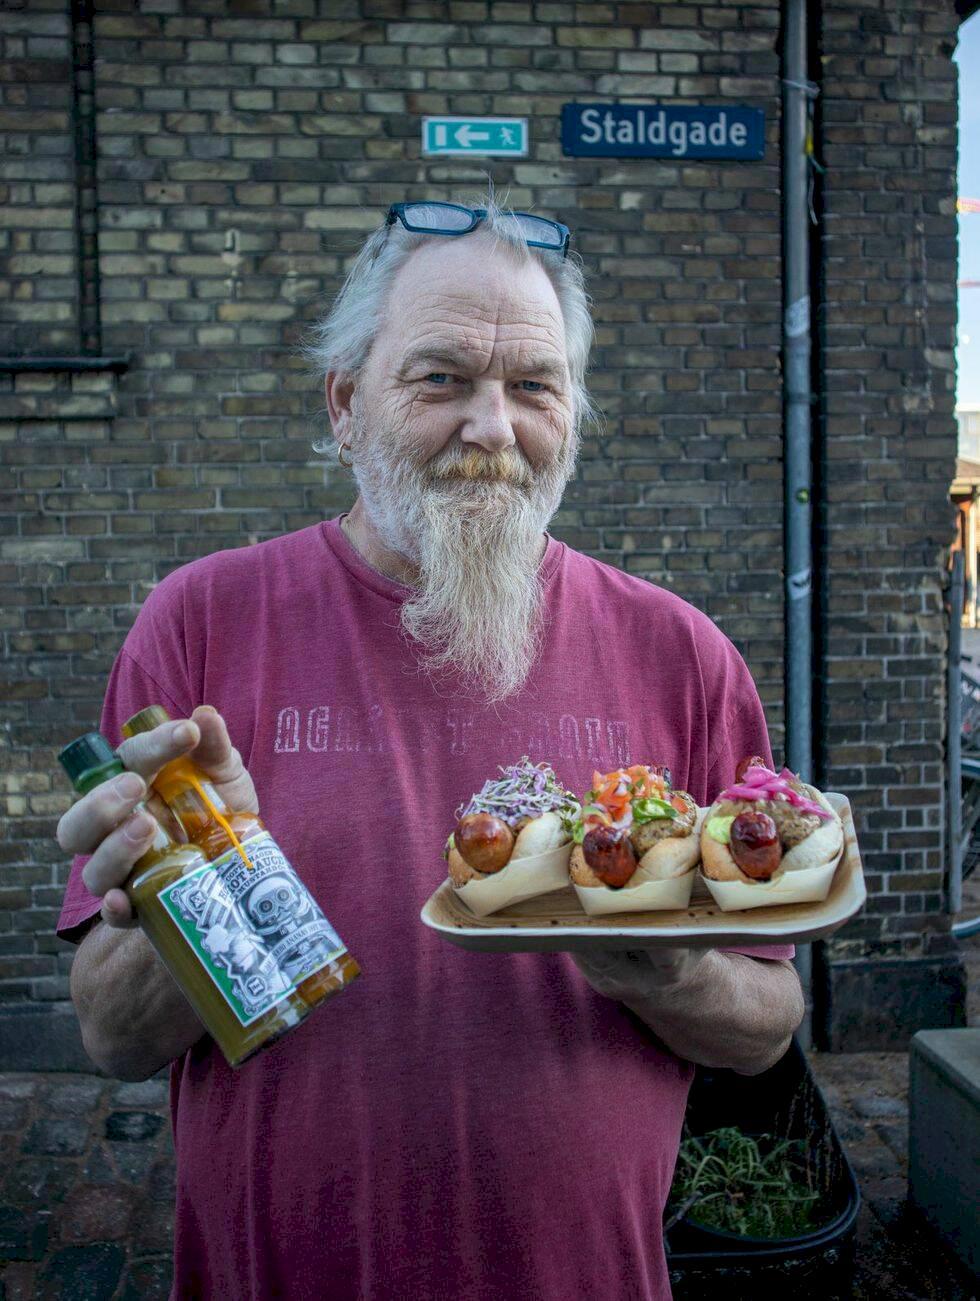 Pölsevagnen firar 100 år – 5 danska korvkiosker med det lilla extra